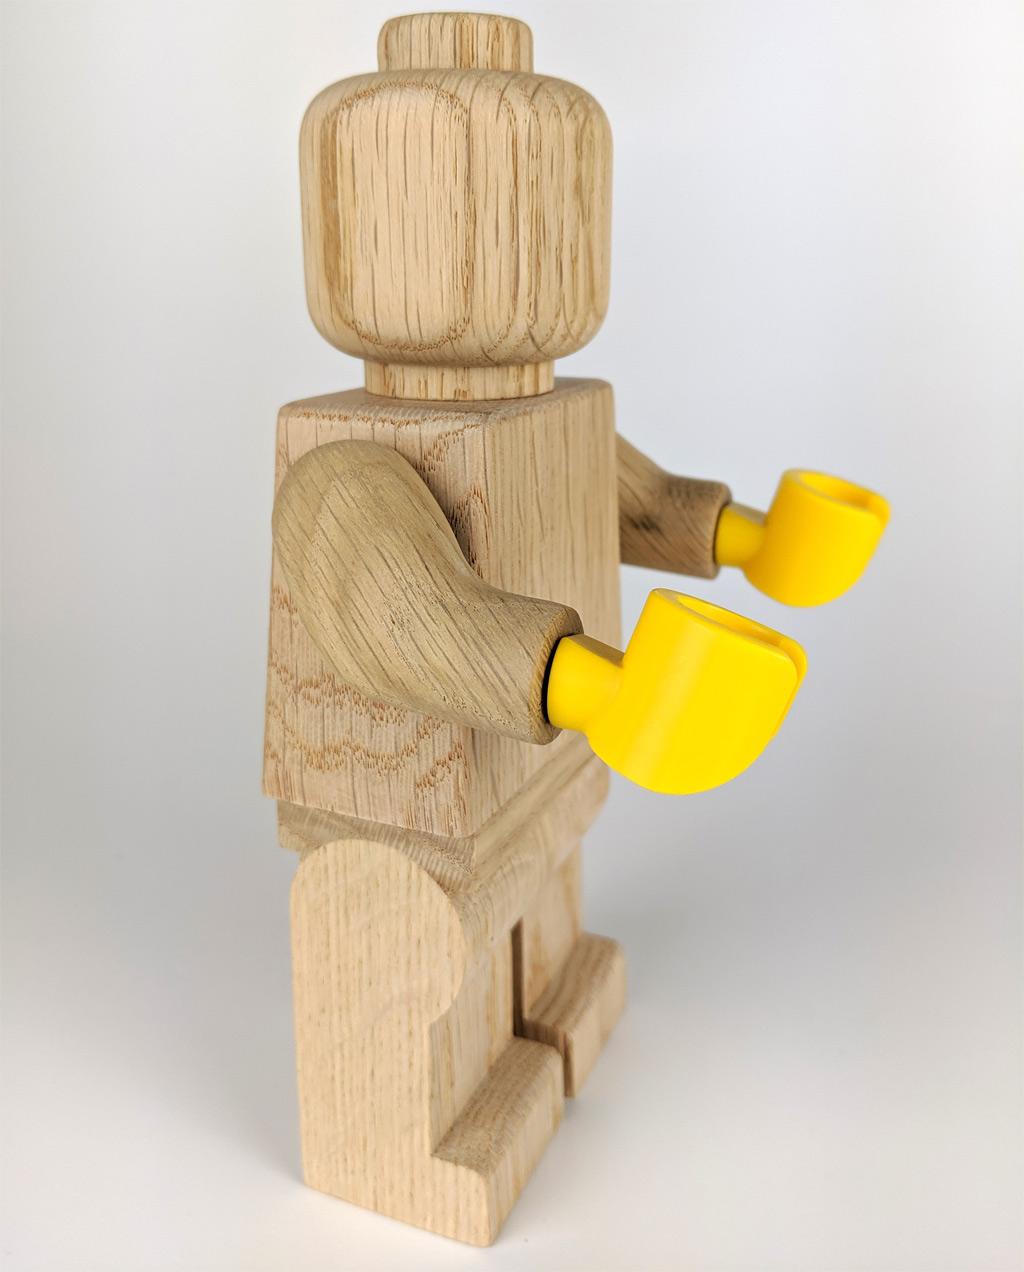 lego-originals-853967-holz-minifigur-seite-2019-zusammengebaut-andres-lehmann zusammengebaut.com